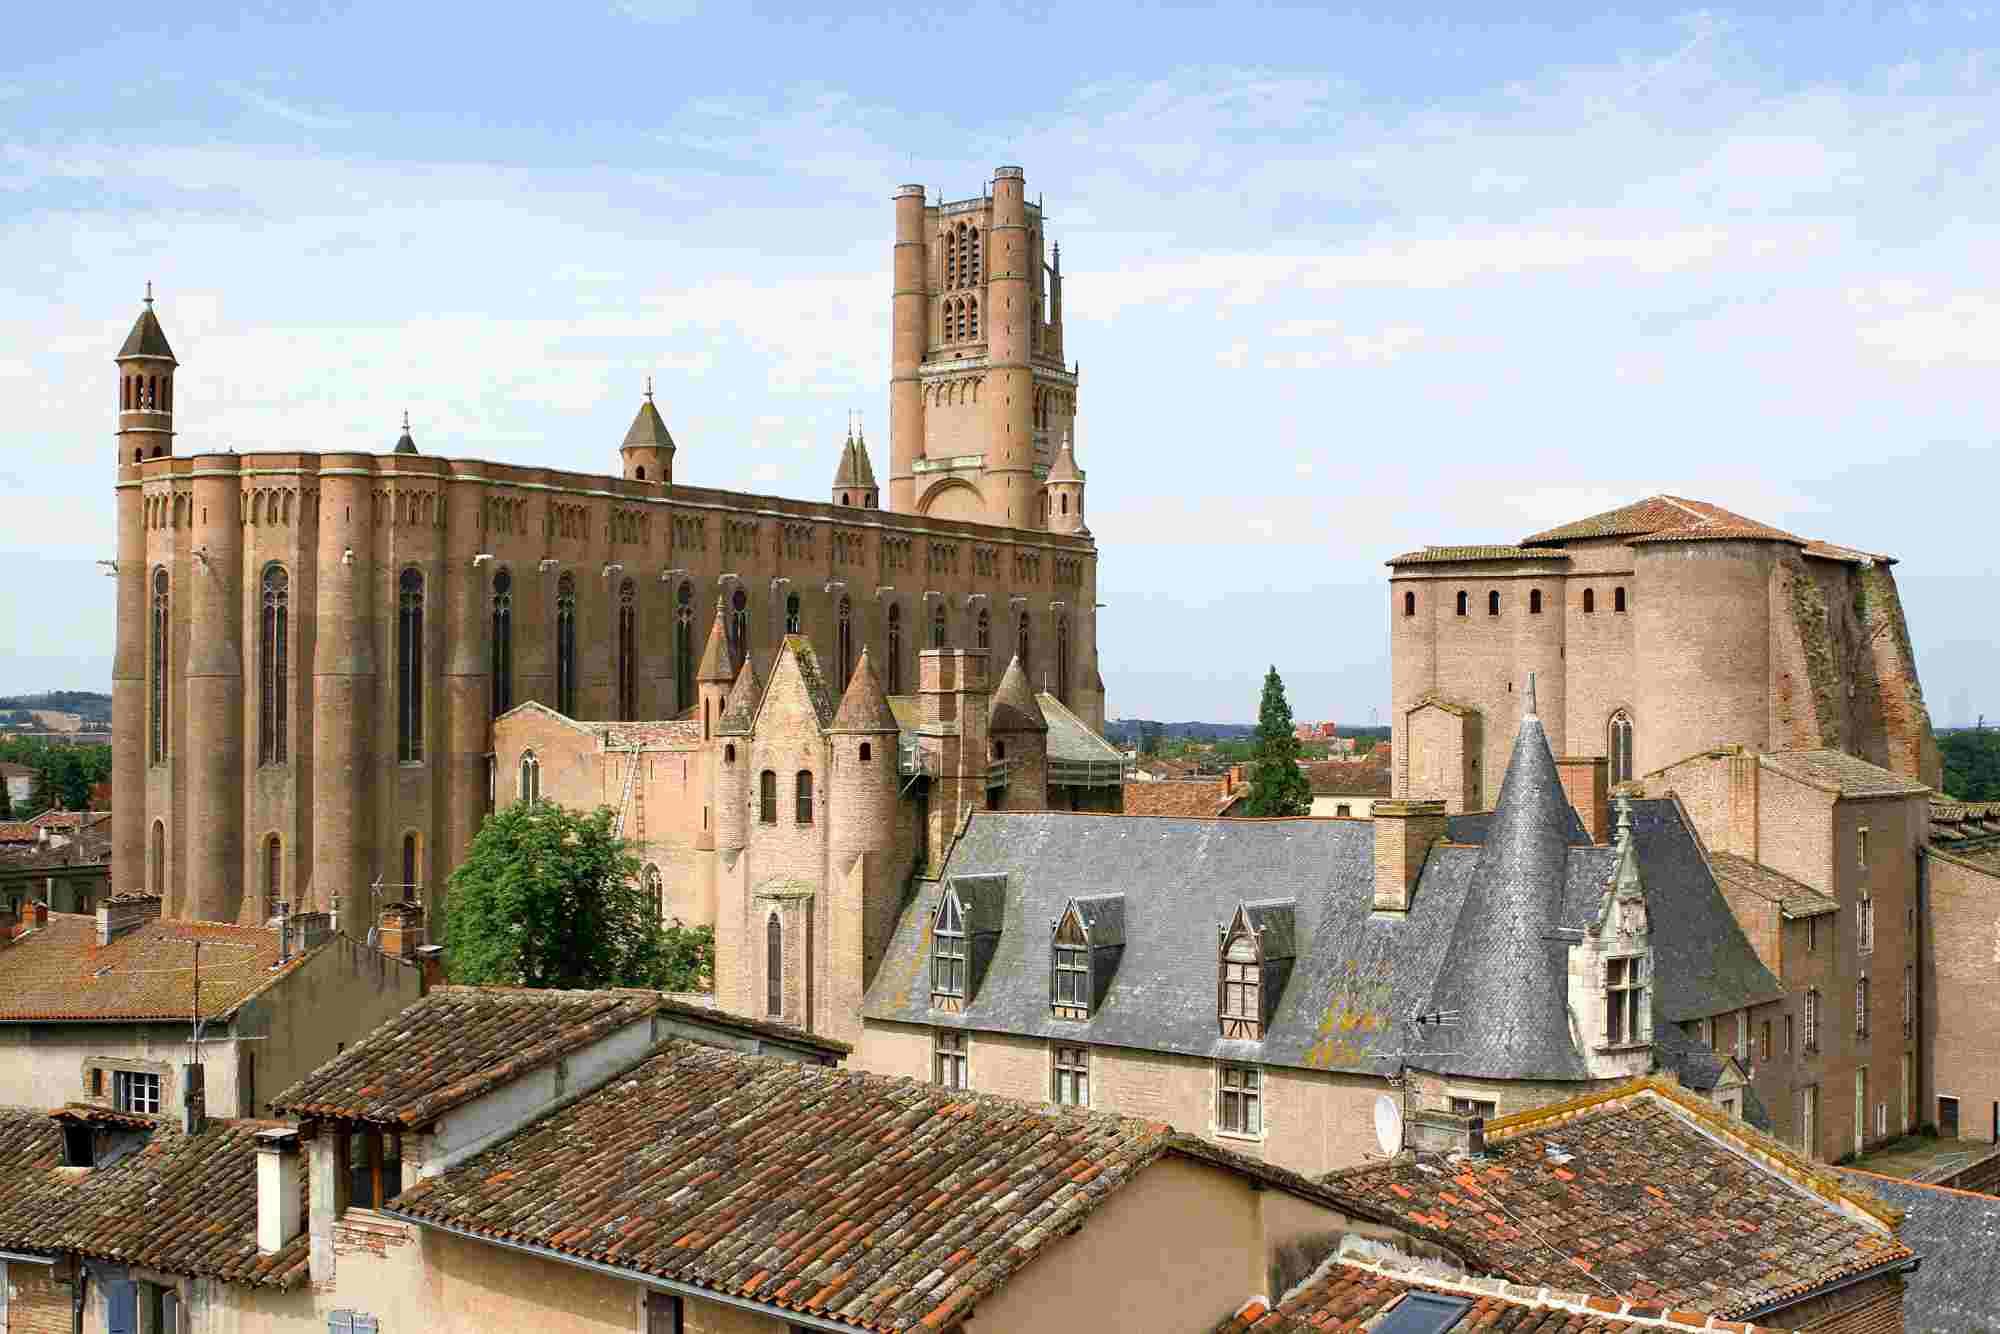 Si buscas qué ver en Albi, no te puedes perder la Catedral de Santa Cecilia